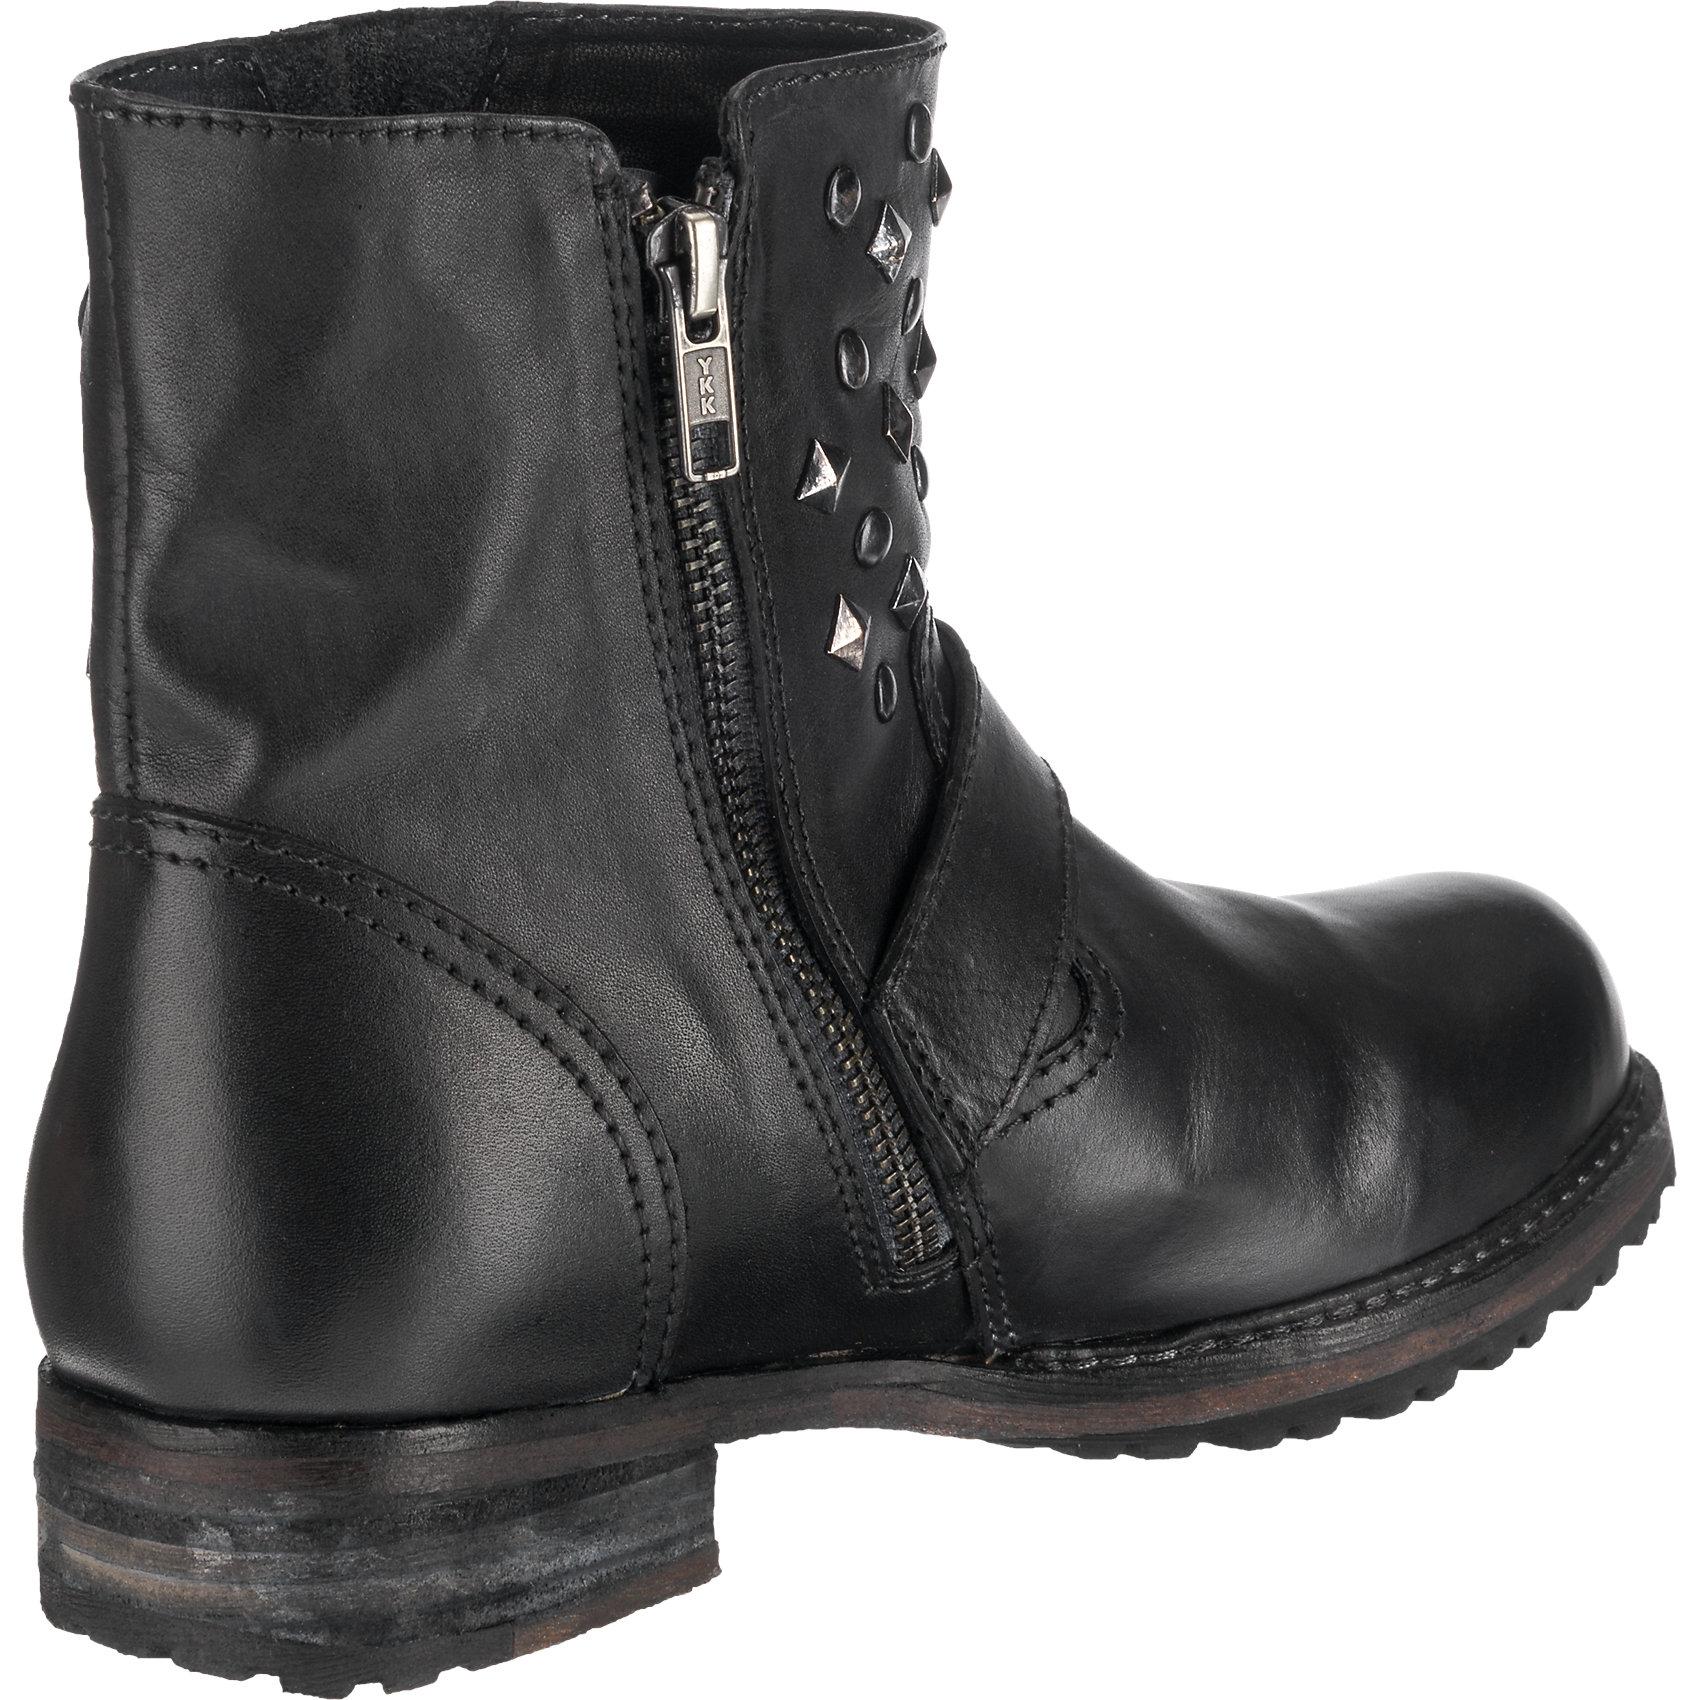 Neu INUOVO Stiefel 7005257 für Damen Damen für schwarz 27b8dc